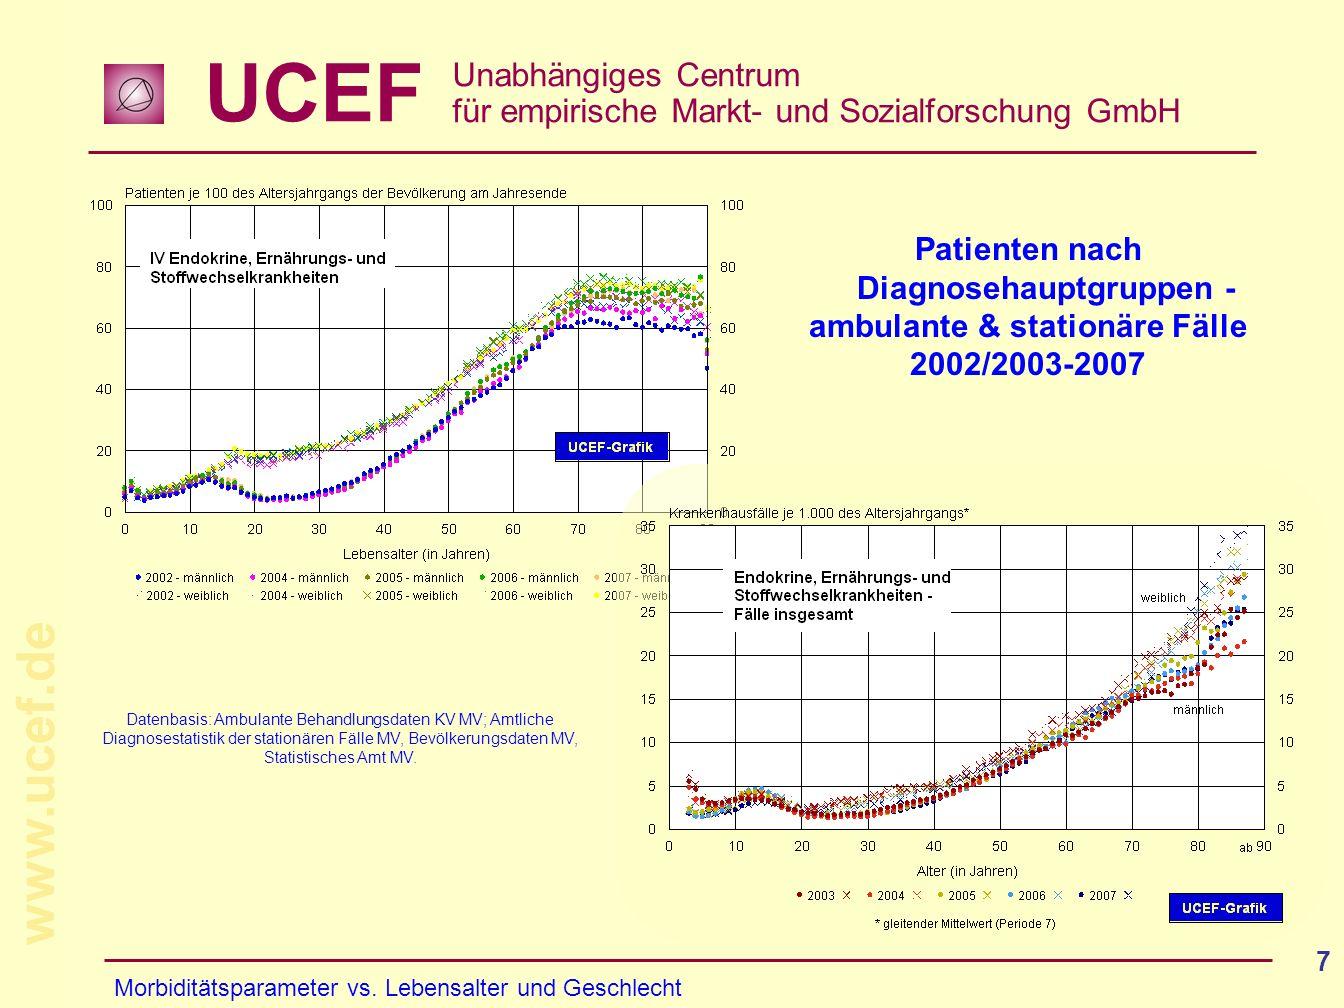 UCEF Unabhängiges Centrum für empirische Markt- und Sozialforschung GmbH www.ucef.de 7 Patienten nach Diagnosehauptgruppen - ambulante & stationäre Fä